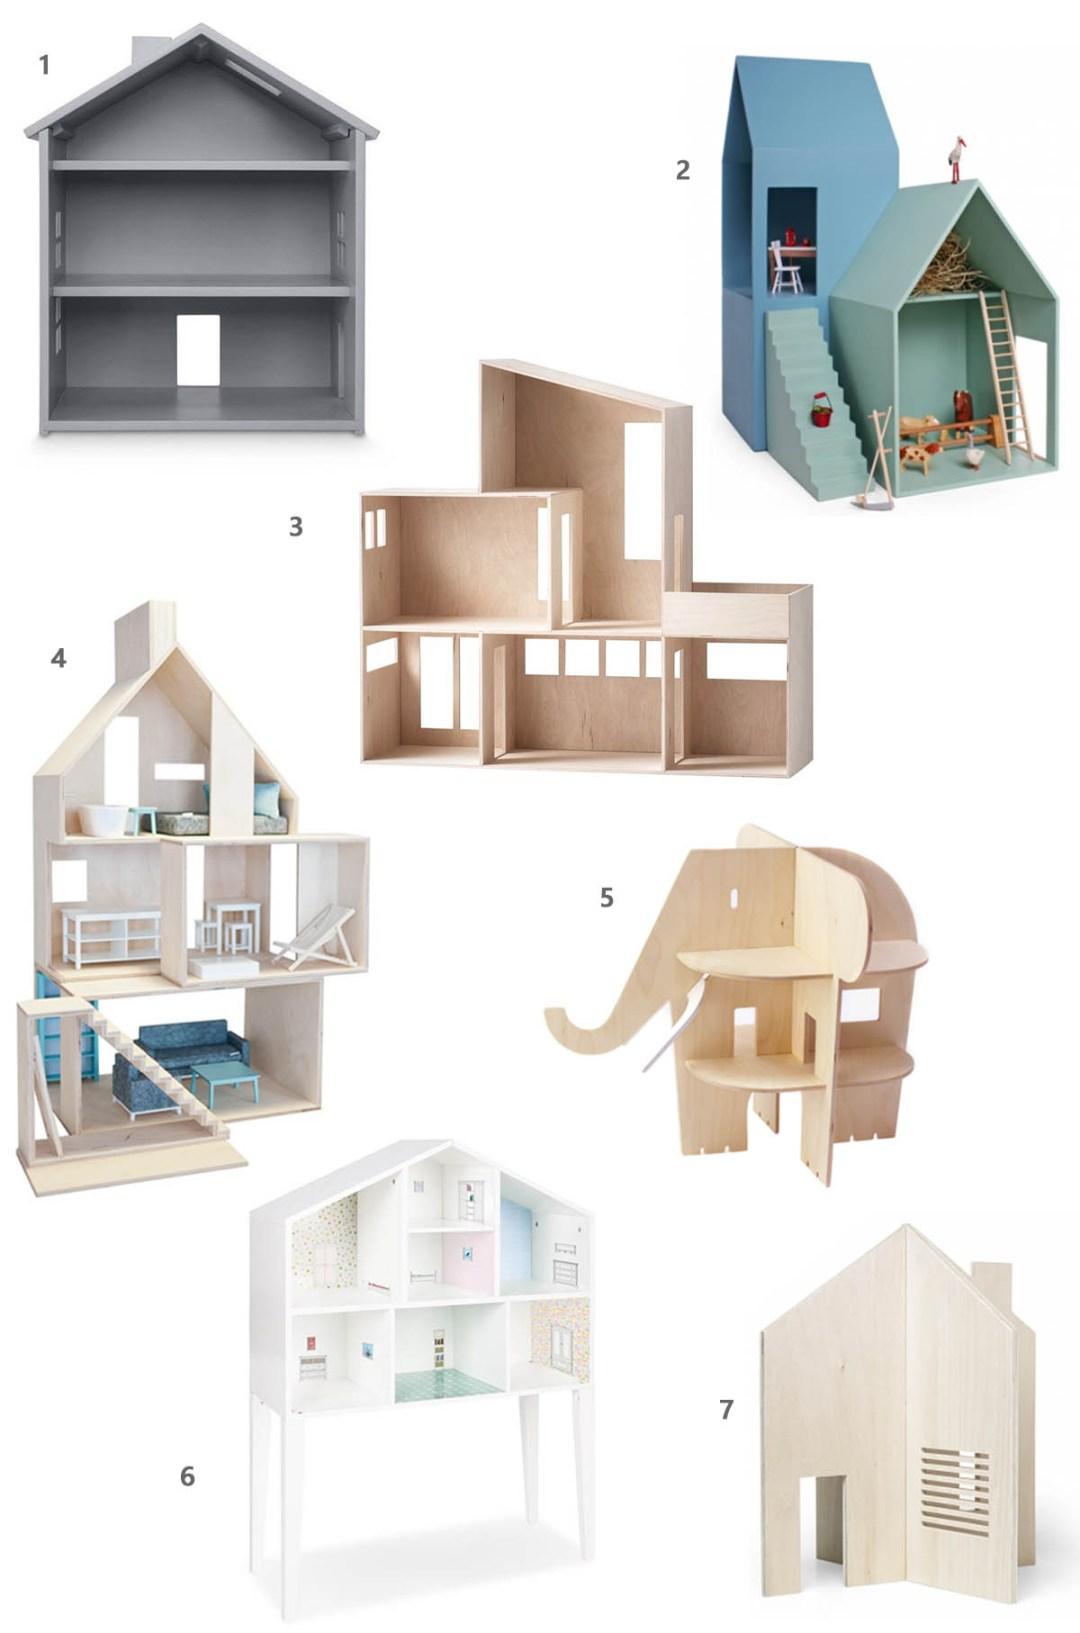 Puppenhaus, Puppenhaus Holz, Puppenhaus Zubehör, Maileg, Mini & Stil